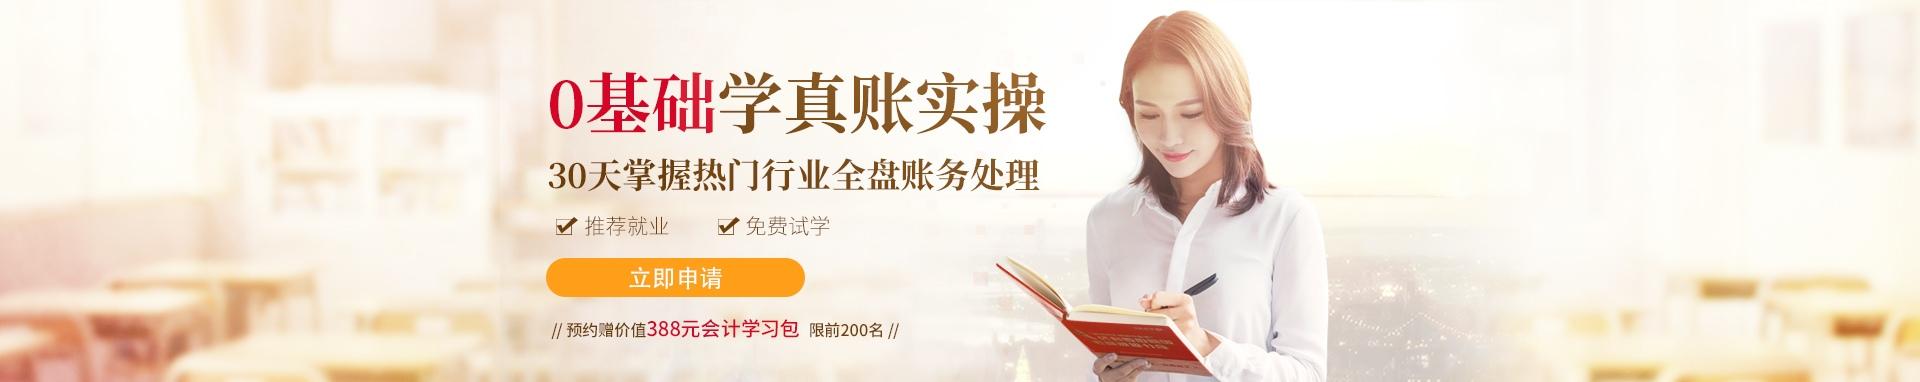 北京会计培训学校